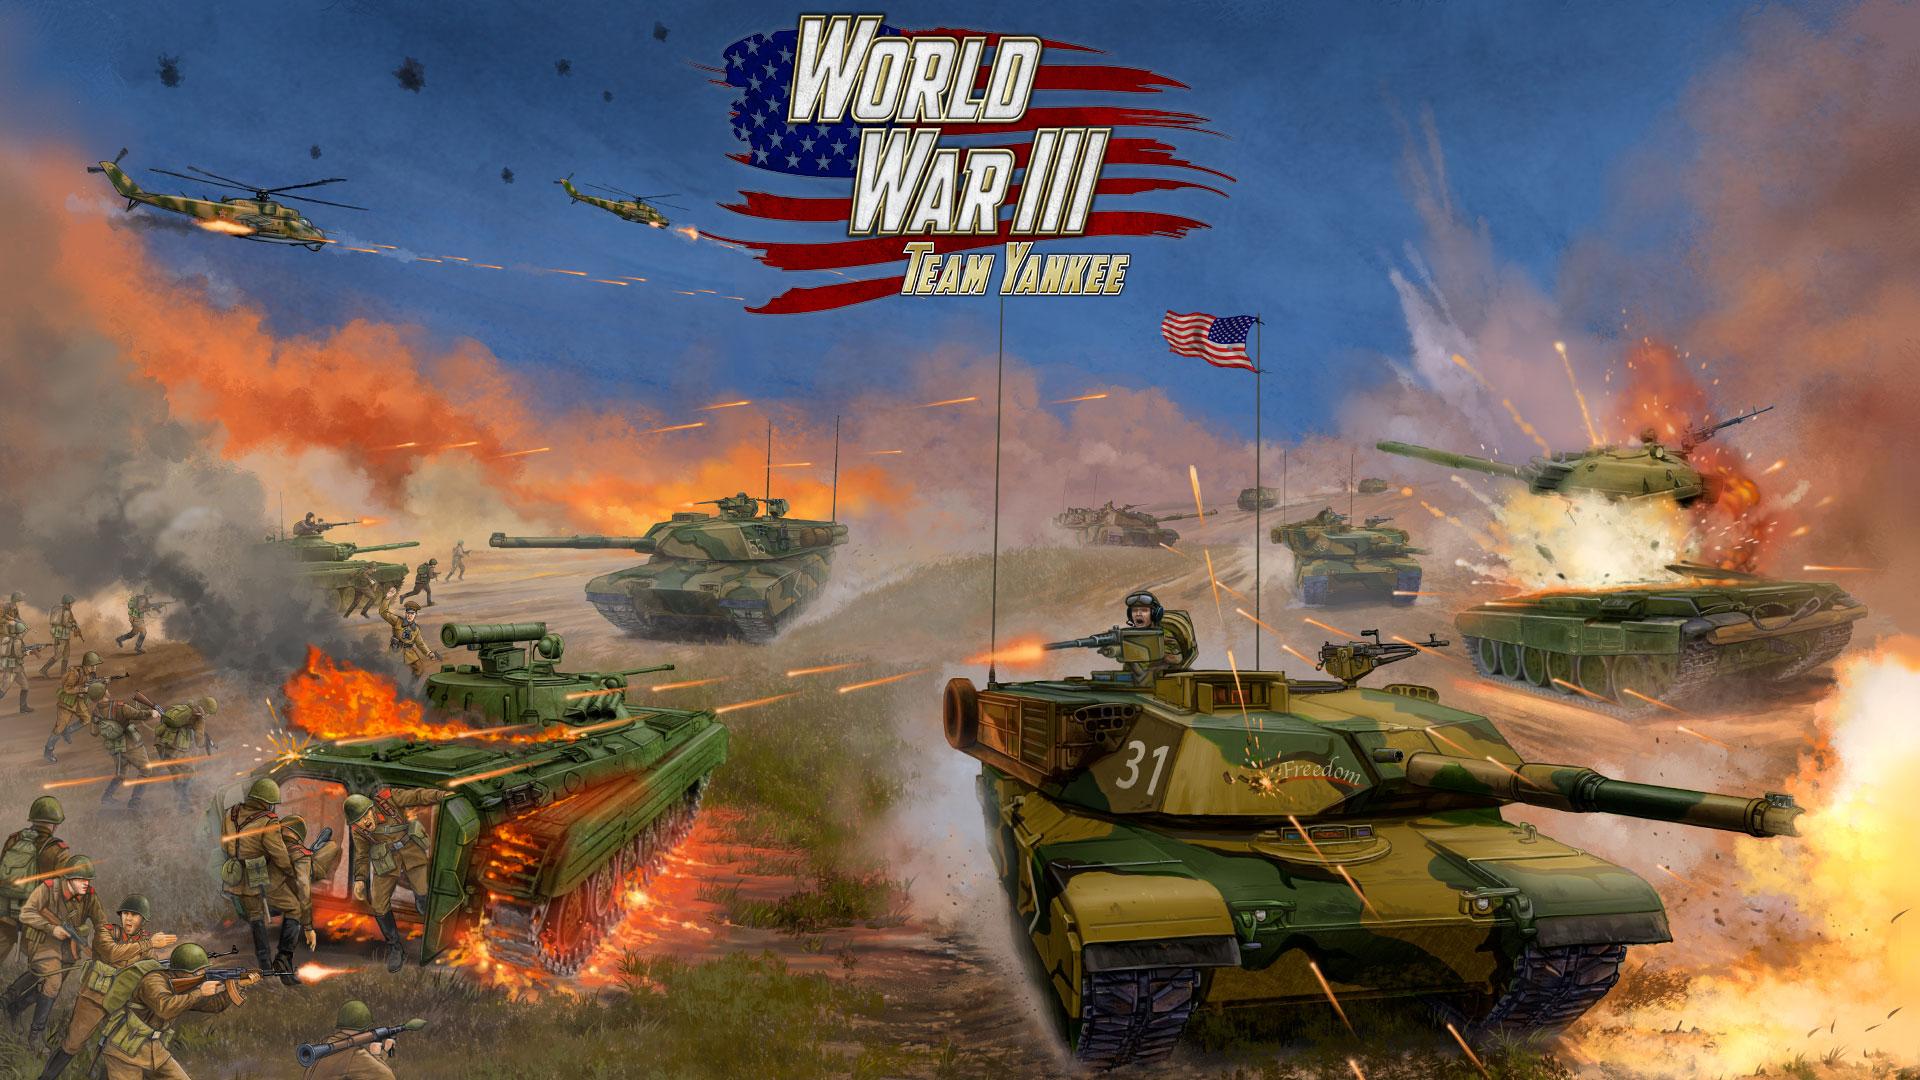 World War III Team Yankee